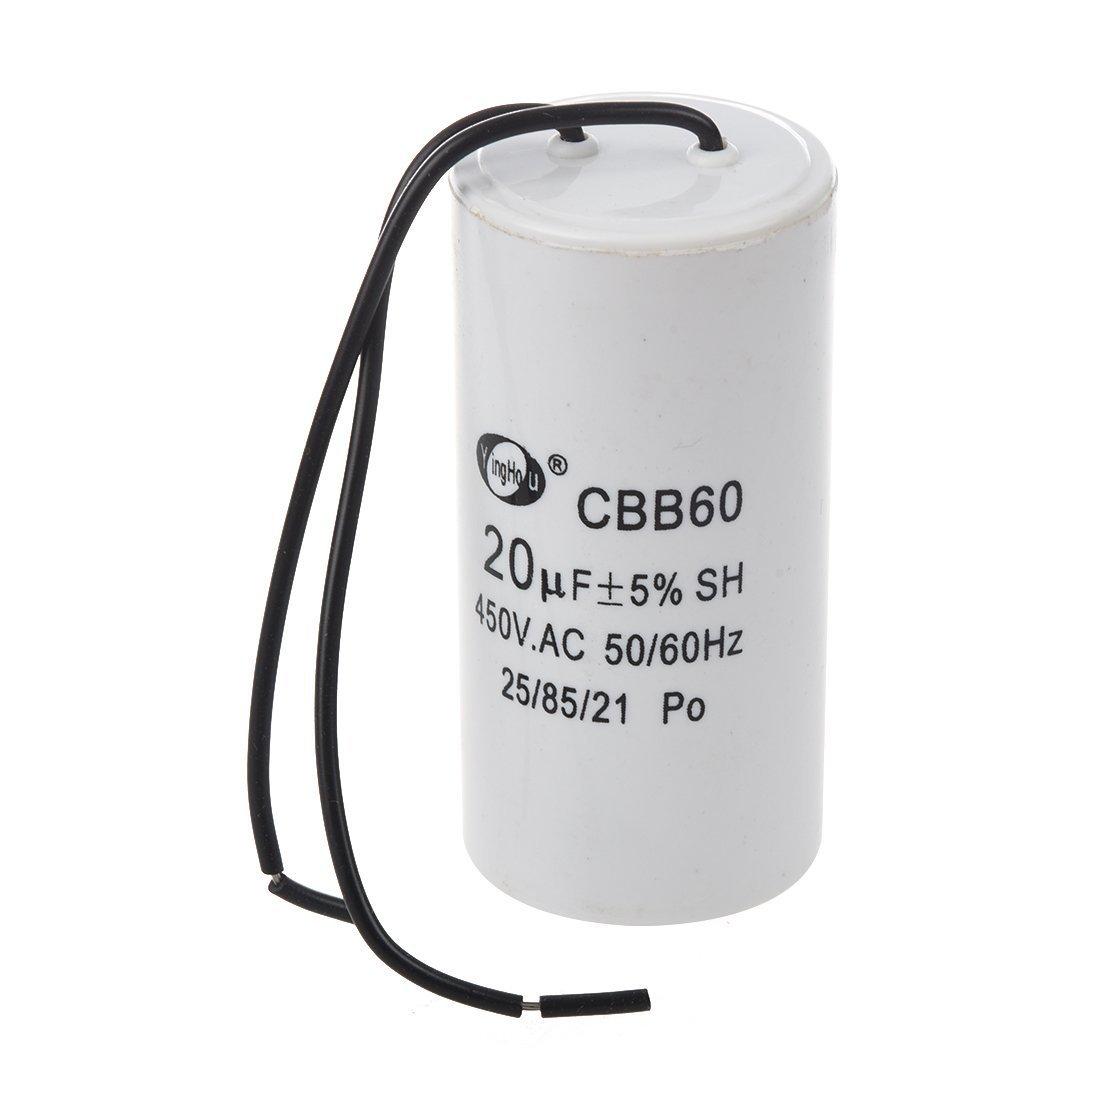 SODIAL(R) CBB60 20uF Wire Lead Cylinder Motor Run SH Capacitor AC 450V 010695